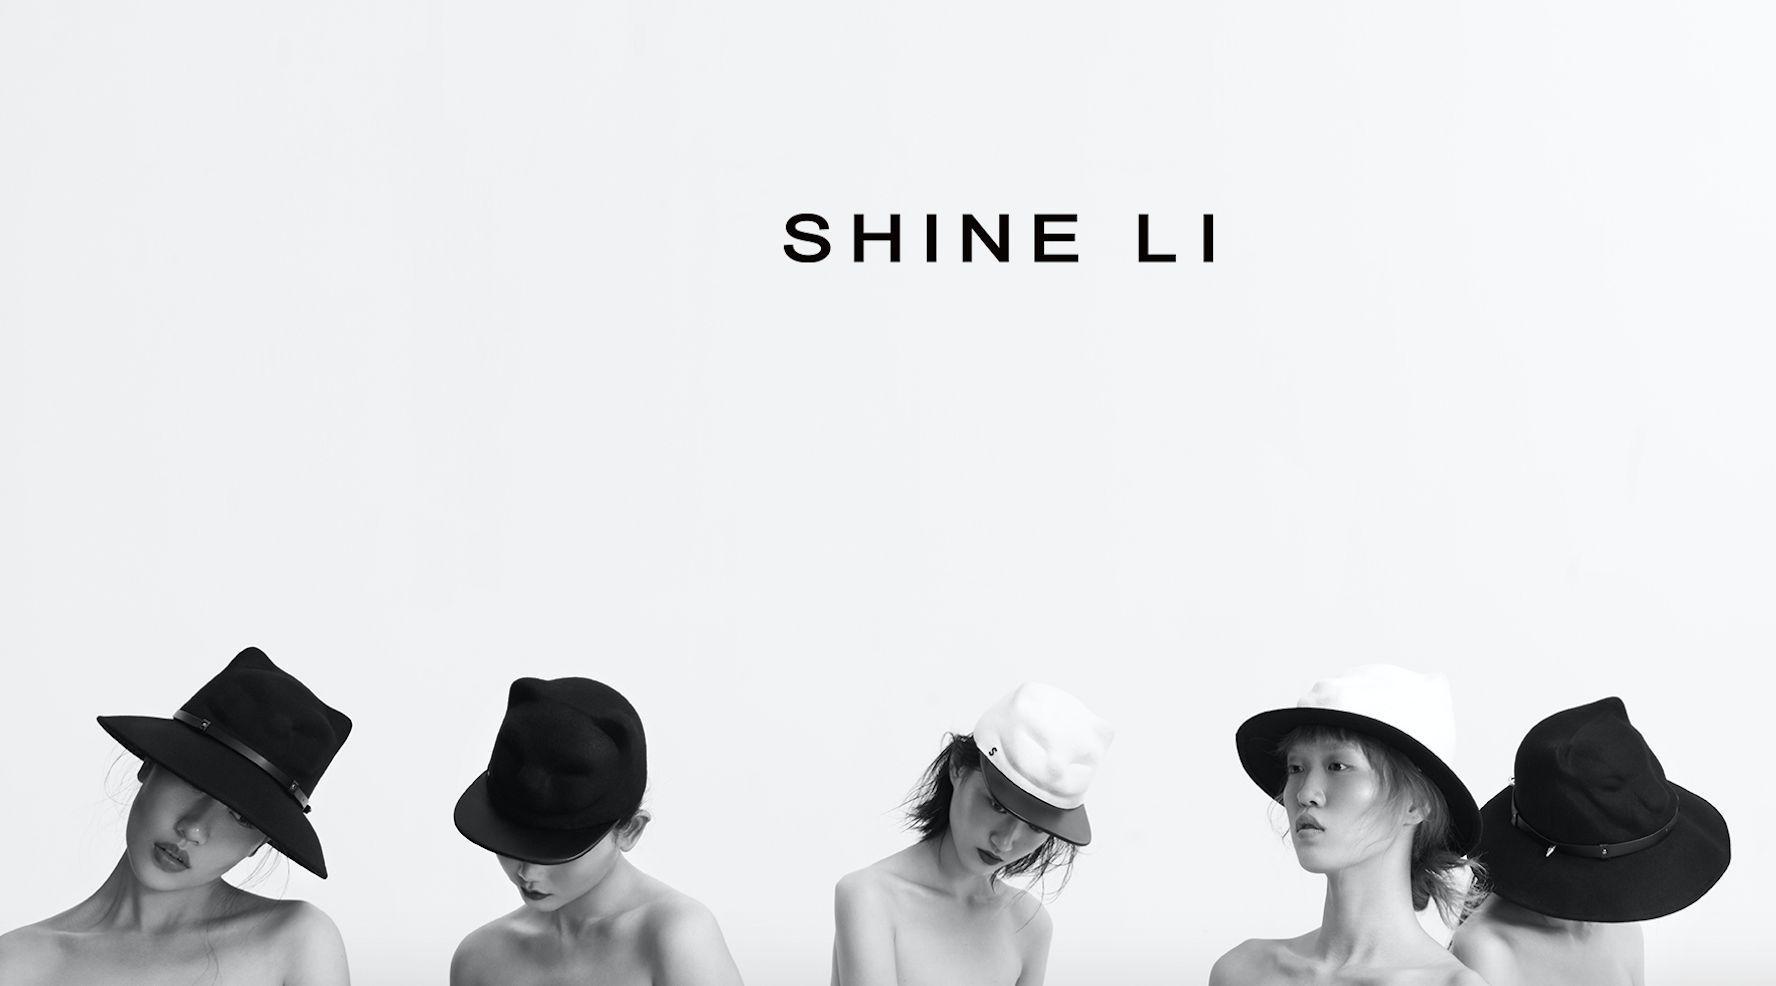 帽饰品牌 SHINE LI 创始人李姗:踏实走自己趟出来的路